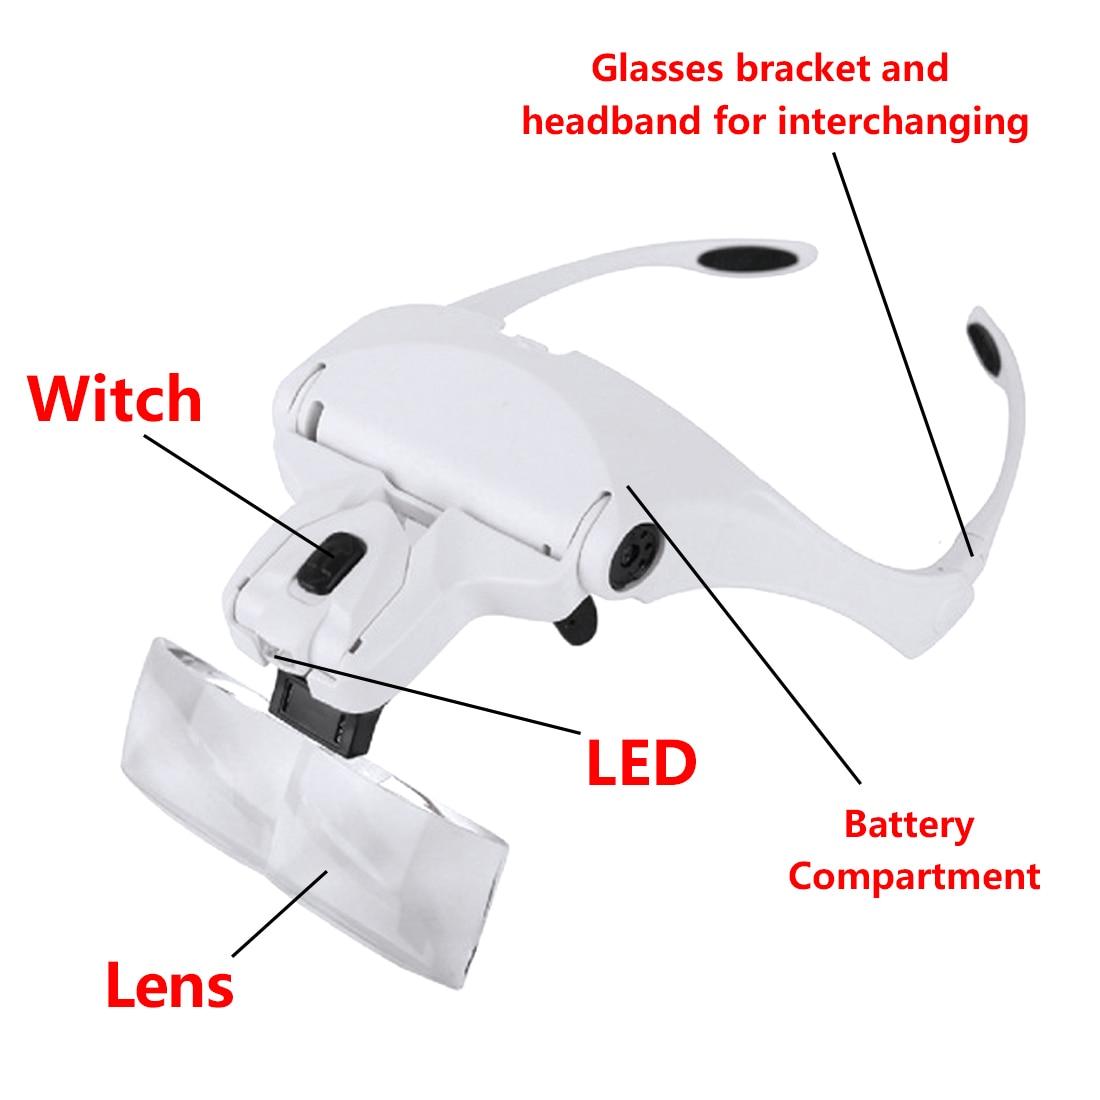 Cabeça olho de lupa com 2 luz led ajustável 1.0/1.5/2.0/2.5/3.5x5 lente óculos lupa lente óptica reparação jóias